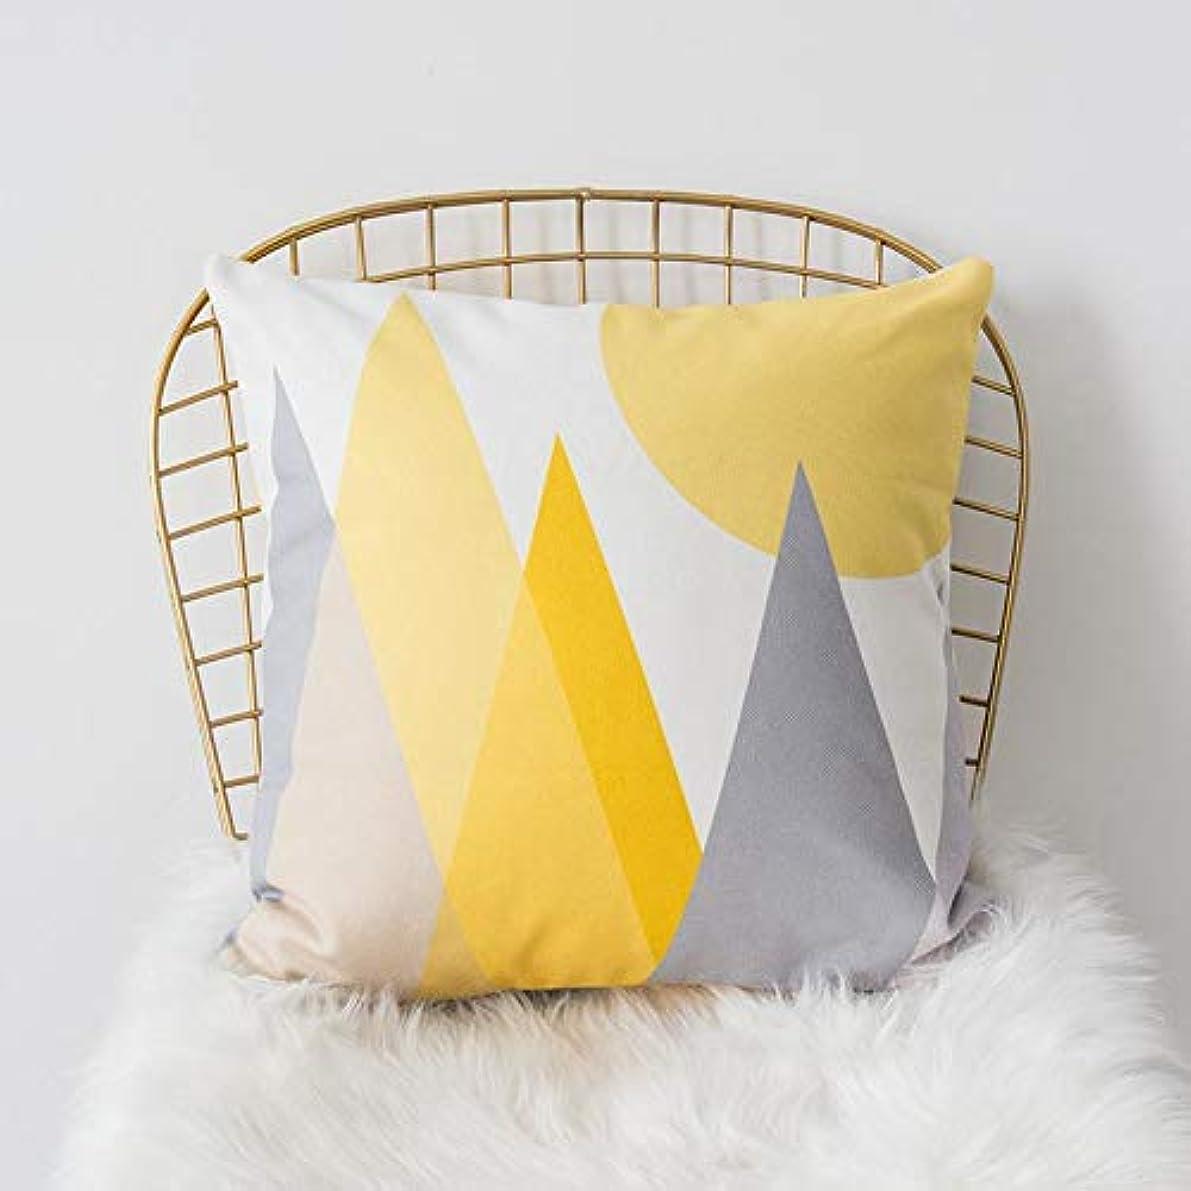 些細な打撃定期的SMART 黄色グレー枕北欧スタイル黄色ヘラジカ幾何枕リビングルームのインテリアソファクッション Cojines 装飾良質 クッション 椅子